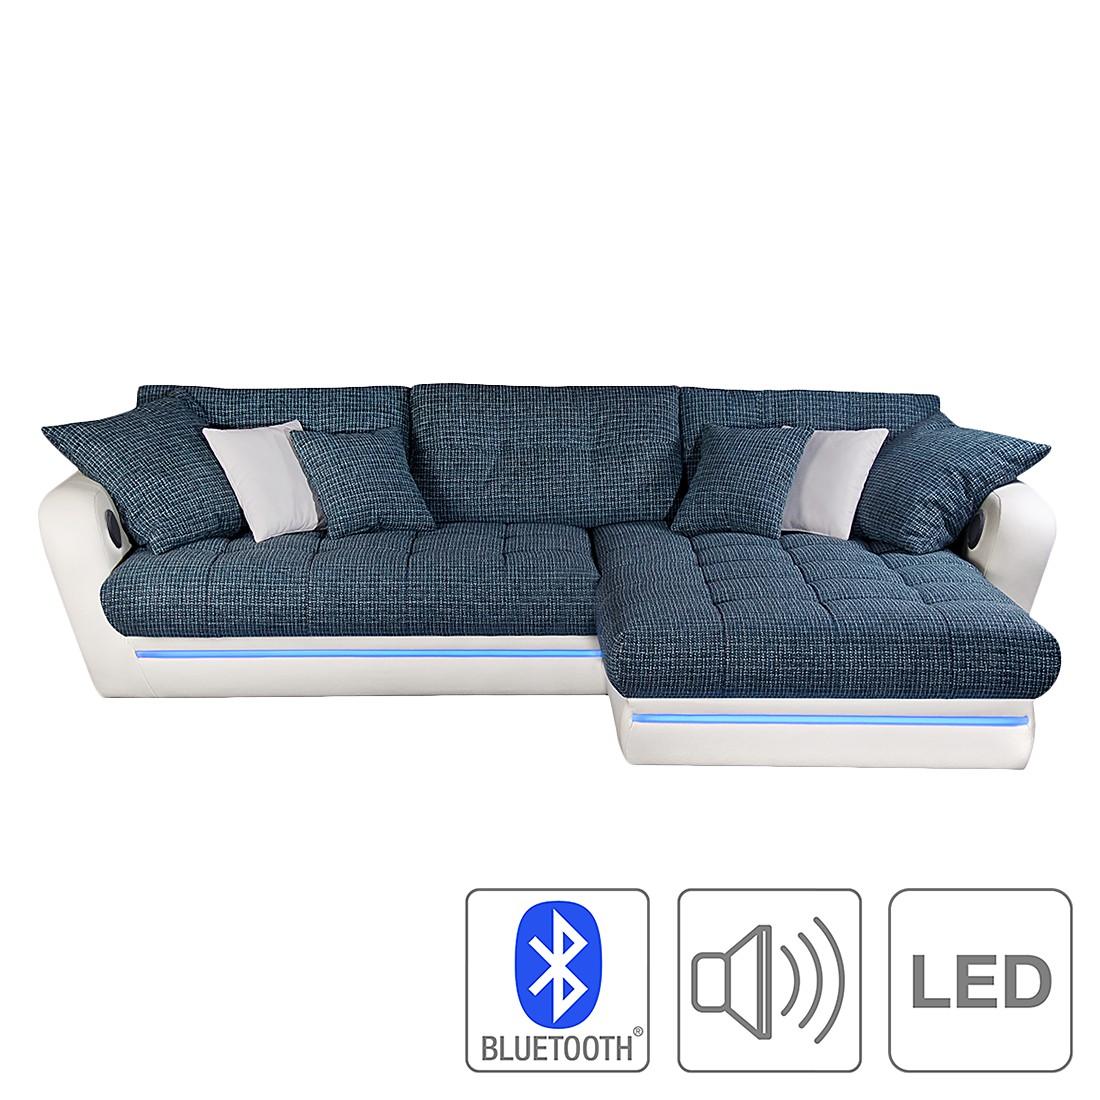 eek a ecksofa lucilia inkl beleuchtung kunstleder wei strukturstoff dunkelblau. Black Bedroom Furniture Sets. Home Design Ideas